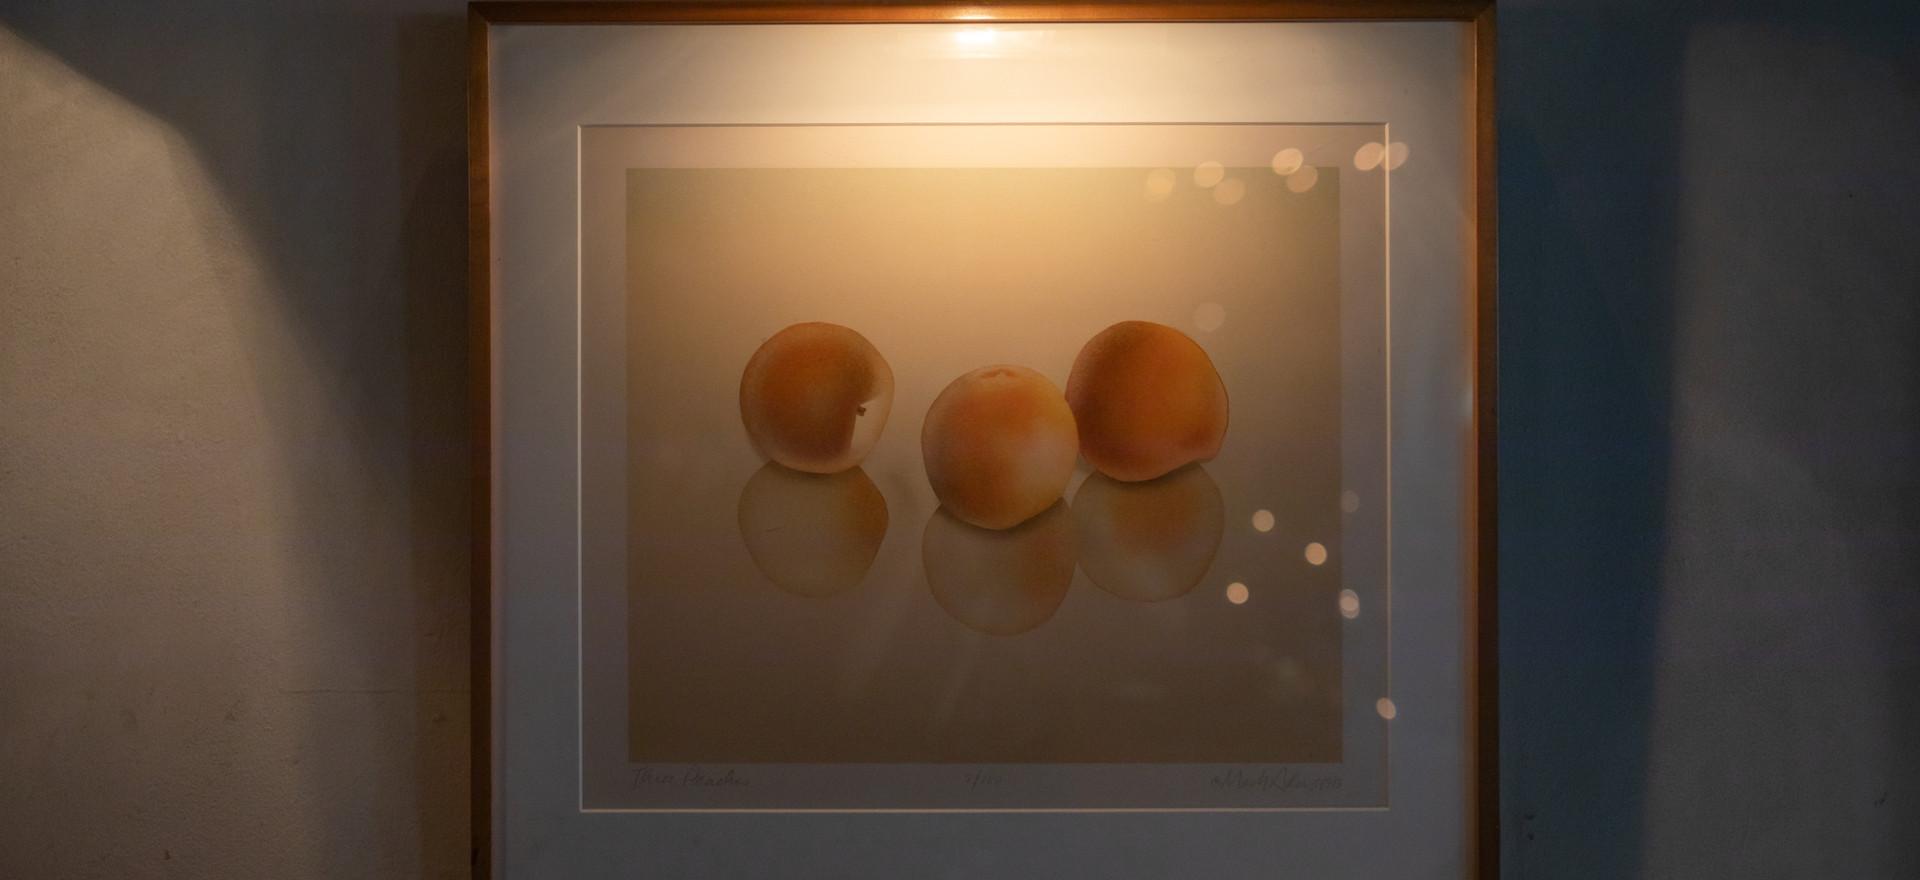 Three Peaches - Mark Adams